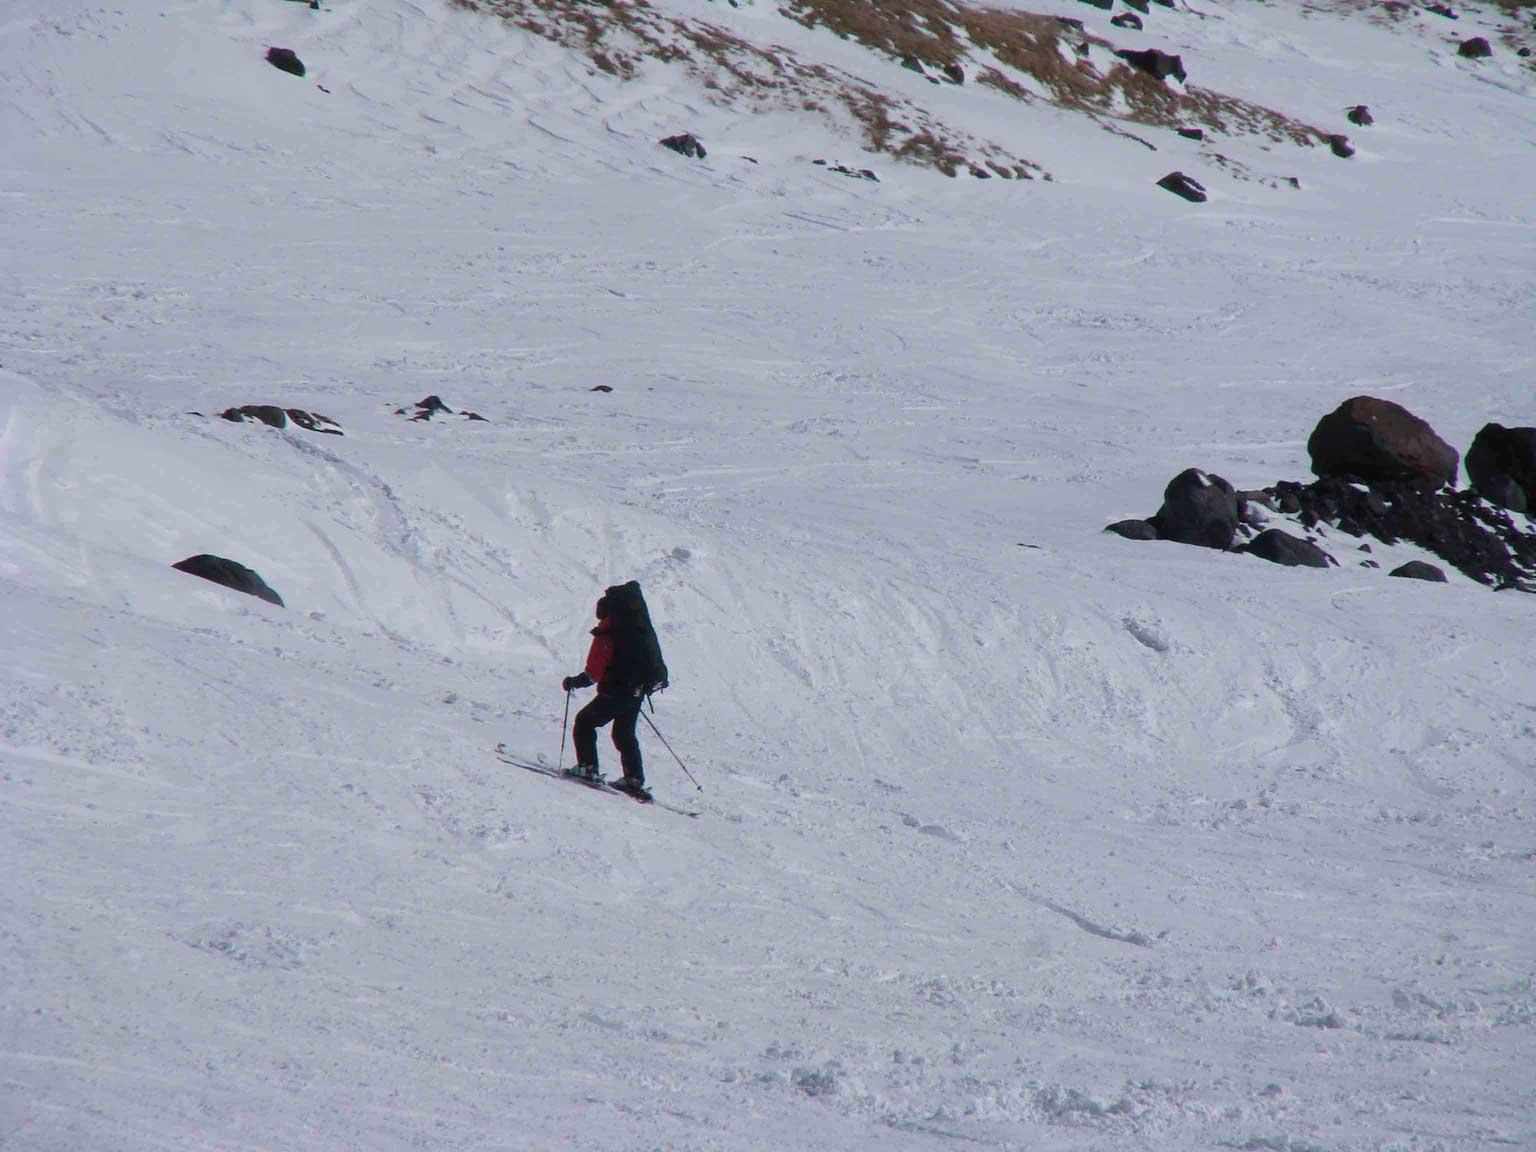 С бочек спускались с рюкзаками на лыжах